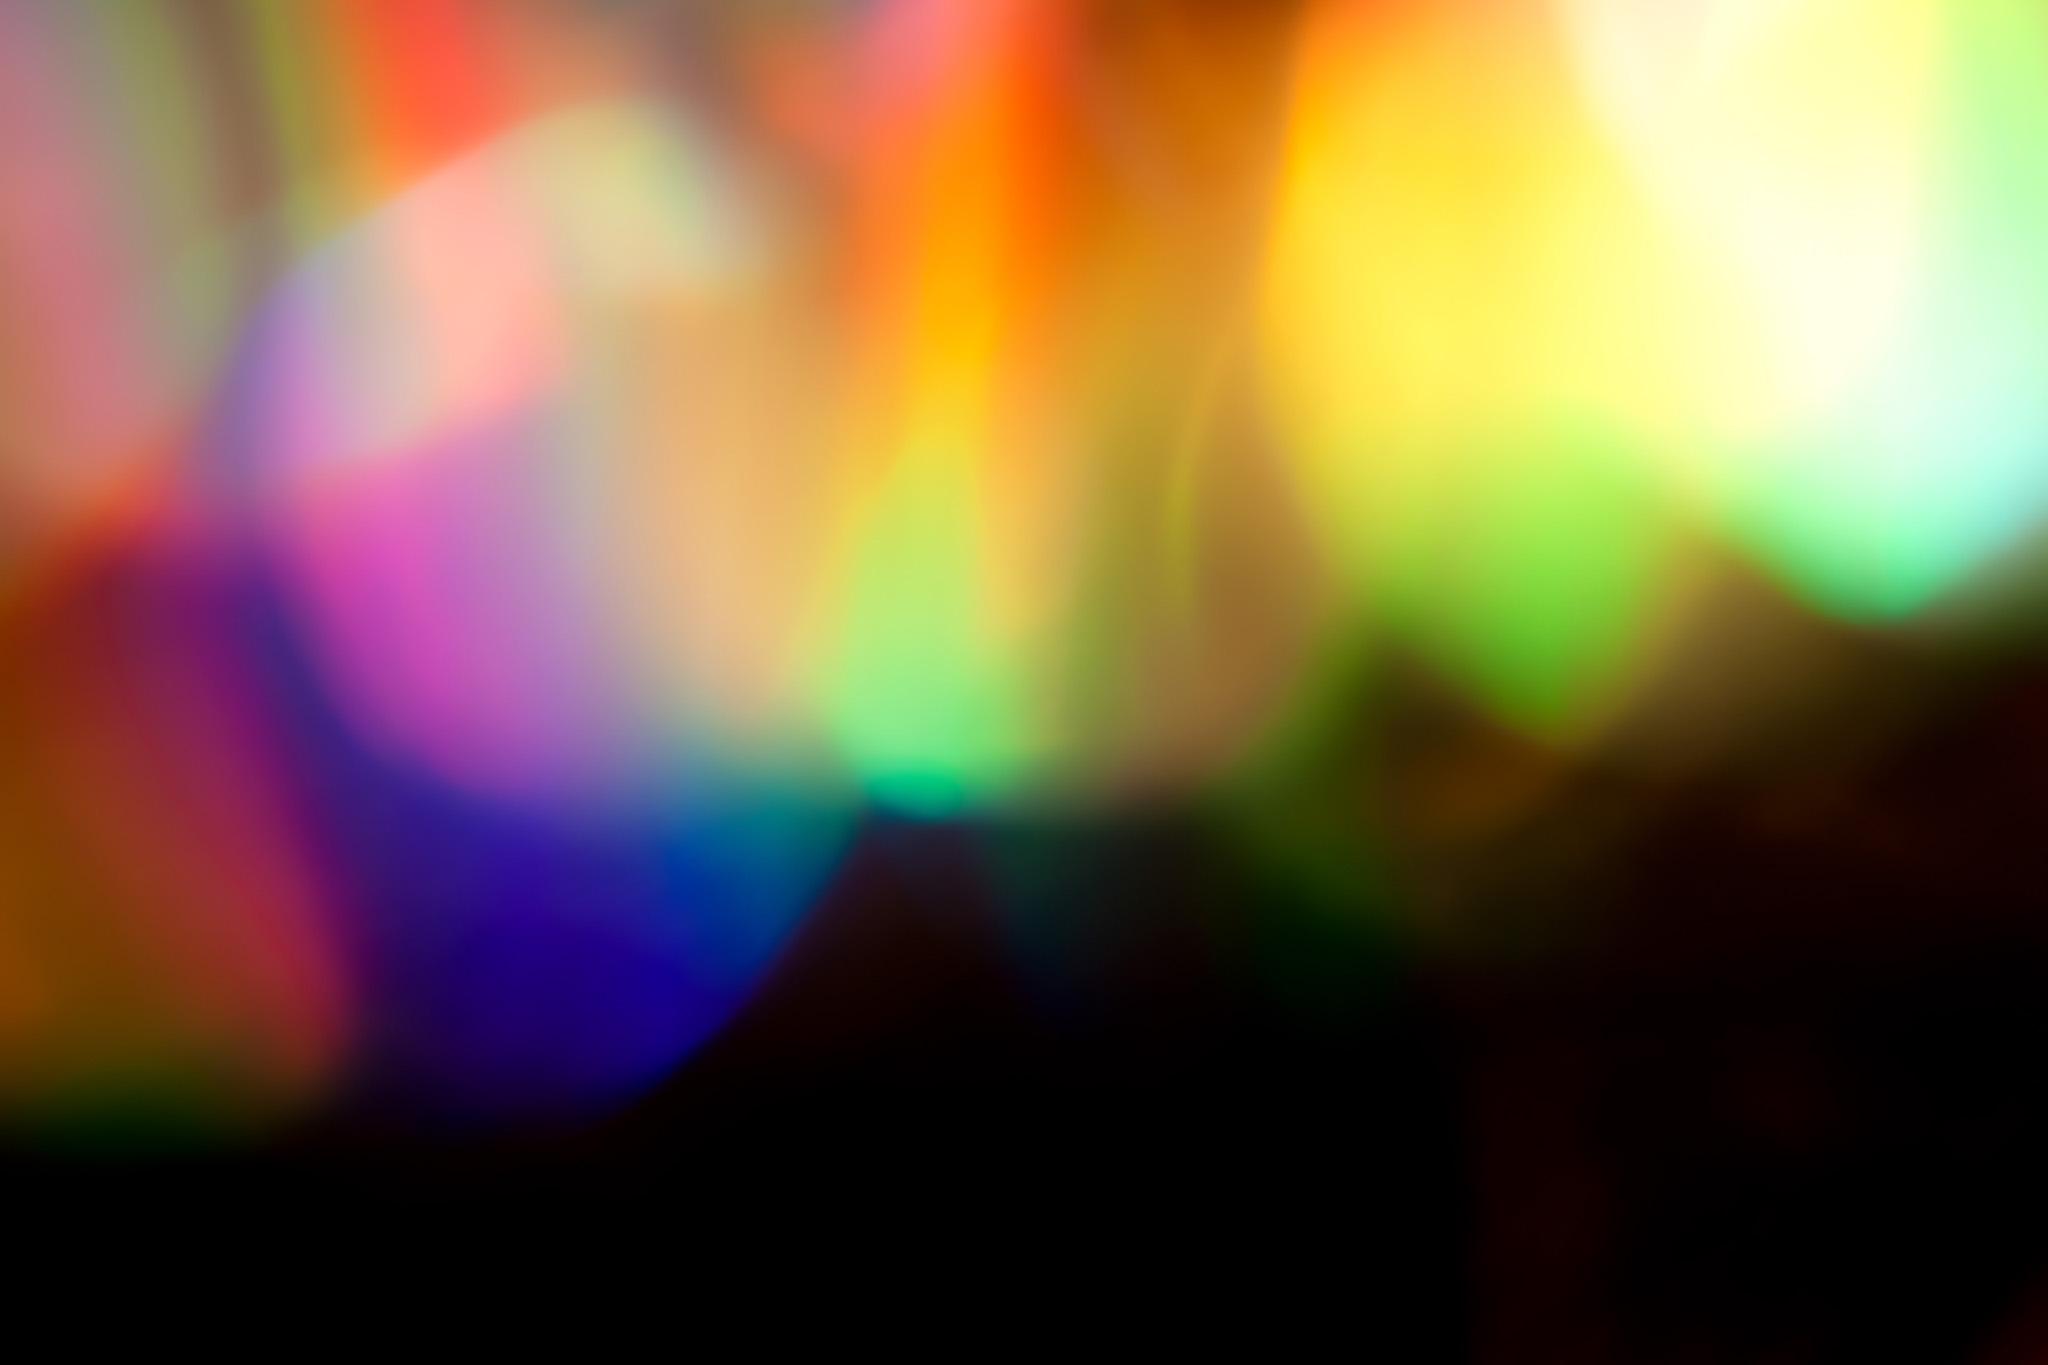 「キラキラとした虹彩」の背景を無料ダウンロード